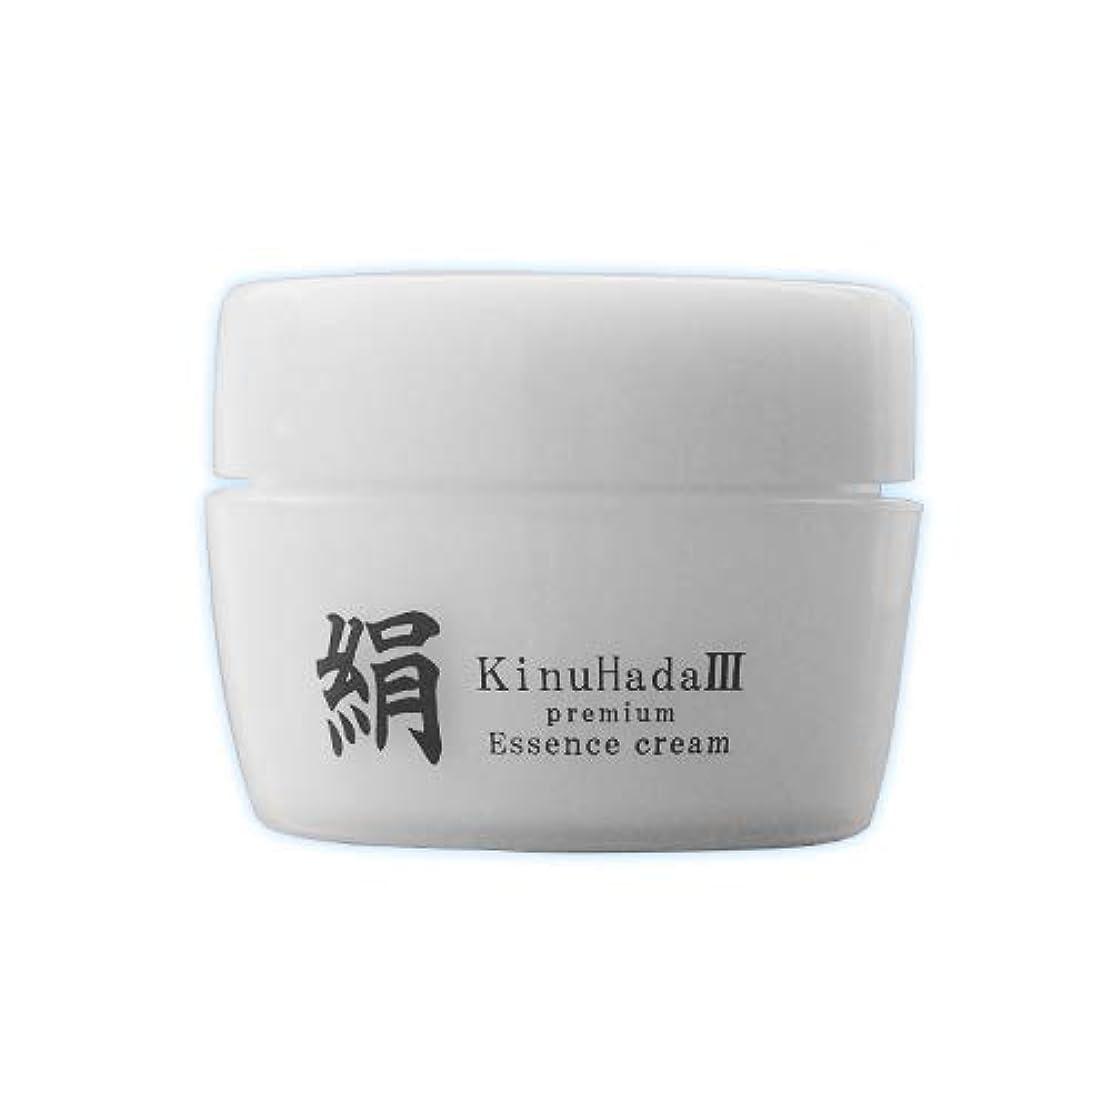 モディッシュ縮れた竜巻KinuHada 3 premium 60g オールインワン 美容液 絹